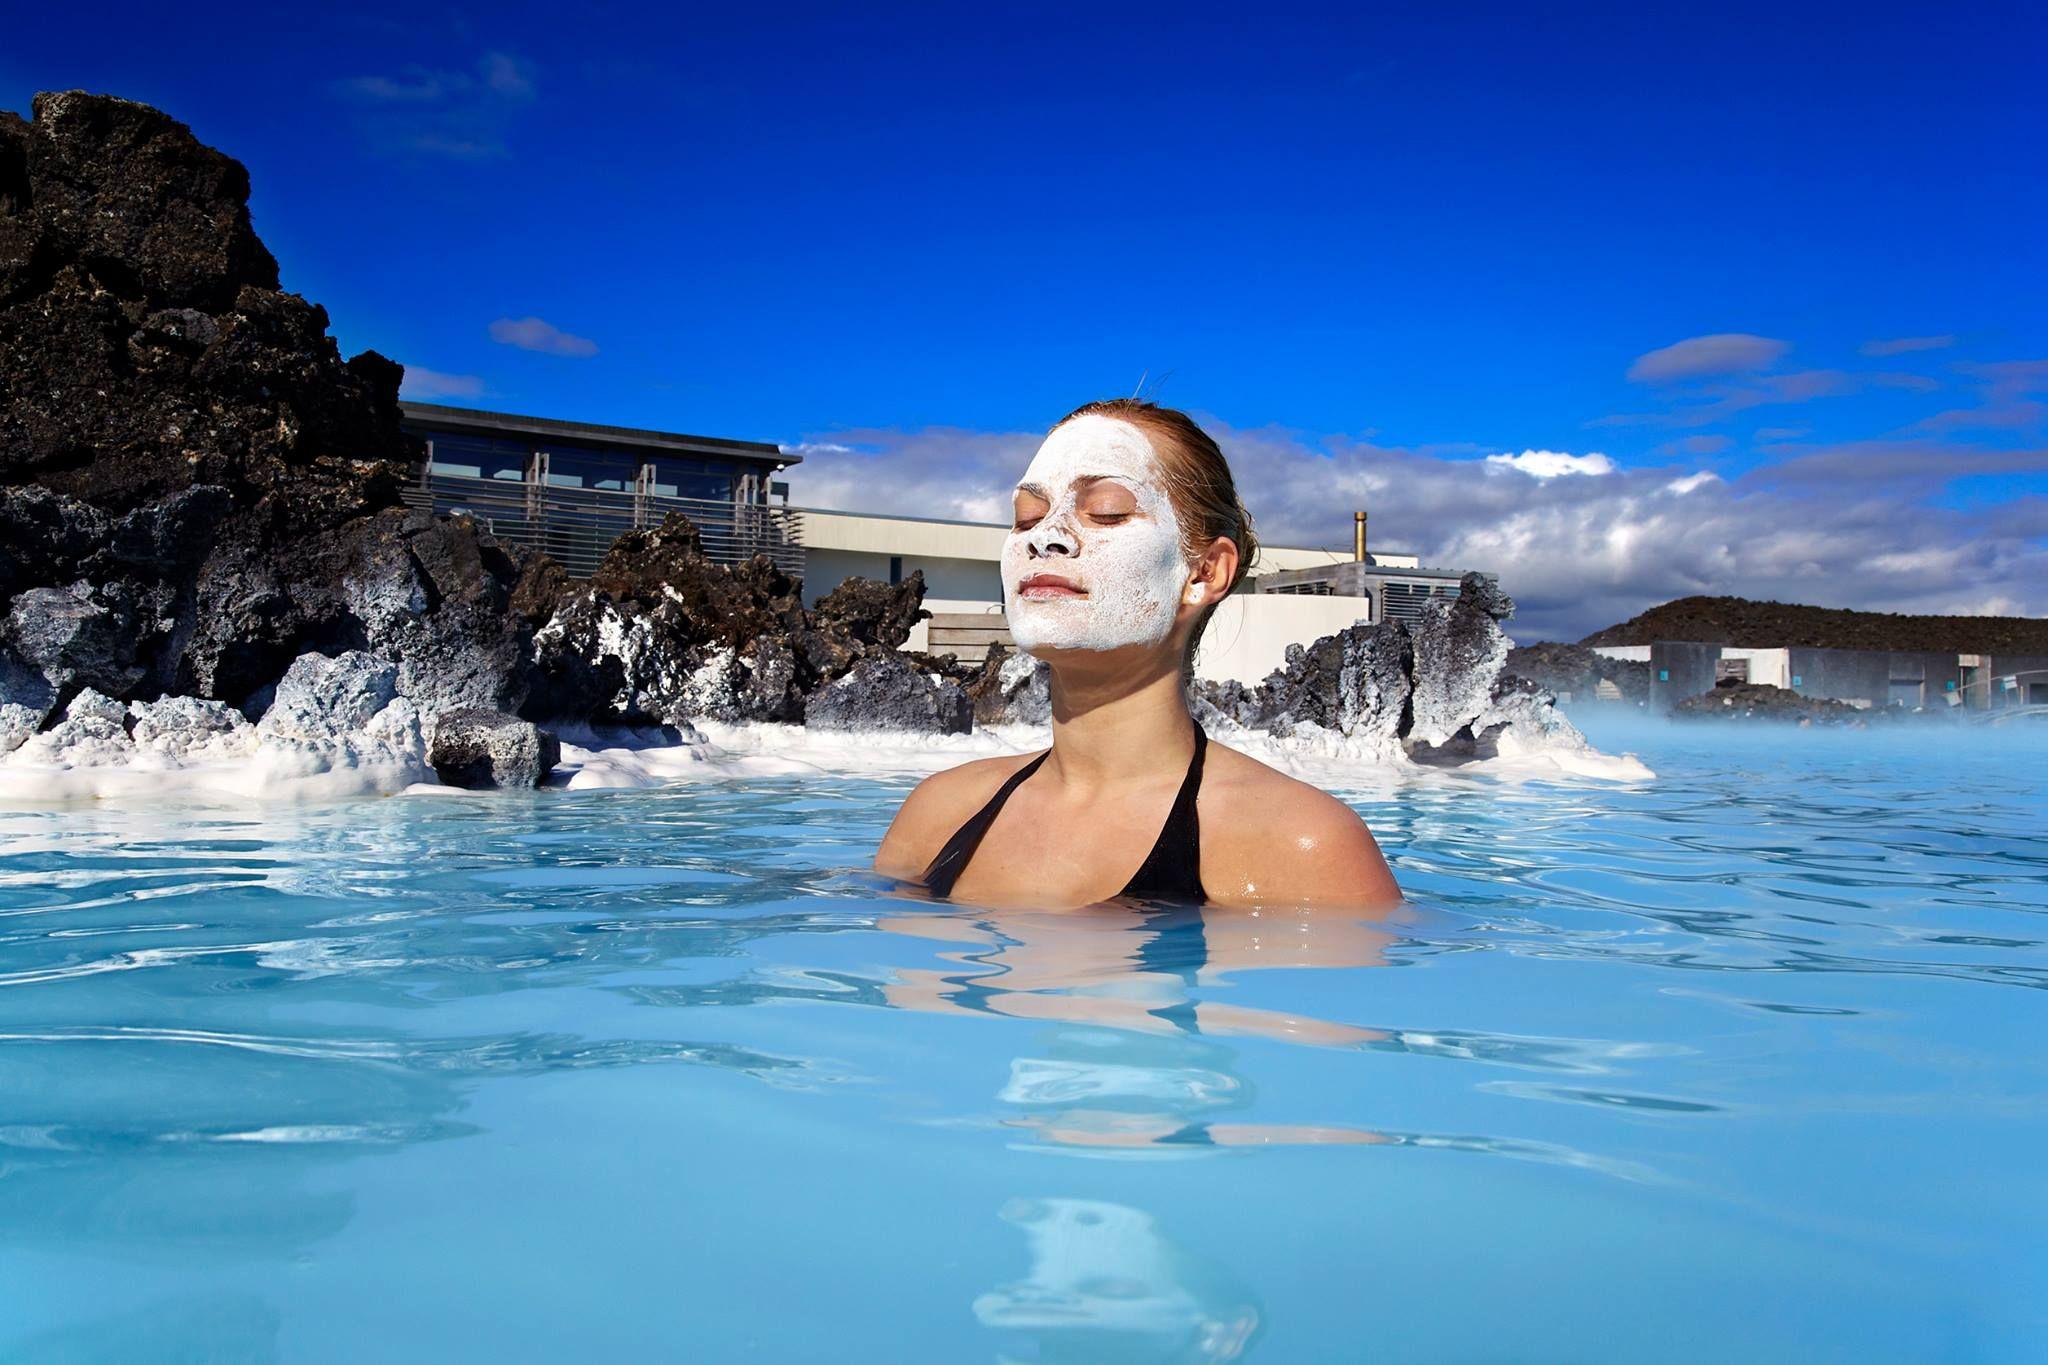 """Tag med og oplev Island, Hot og Intensiv! Rejsen inkuderer fly, hotel, morgenmad, Den Blå Lagune, Islands højdepunkter """"Den Gyldne Cirkel"""" og transfers..."""